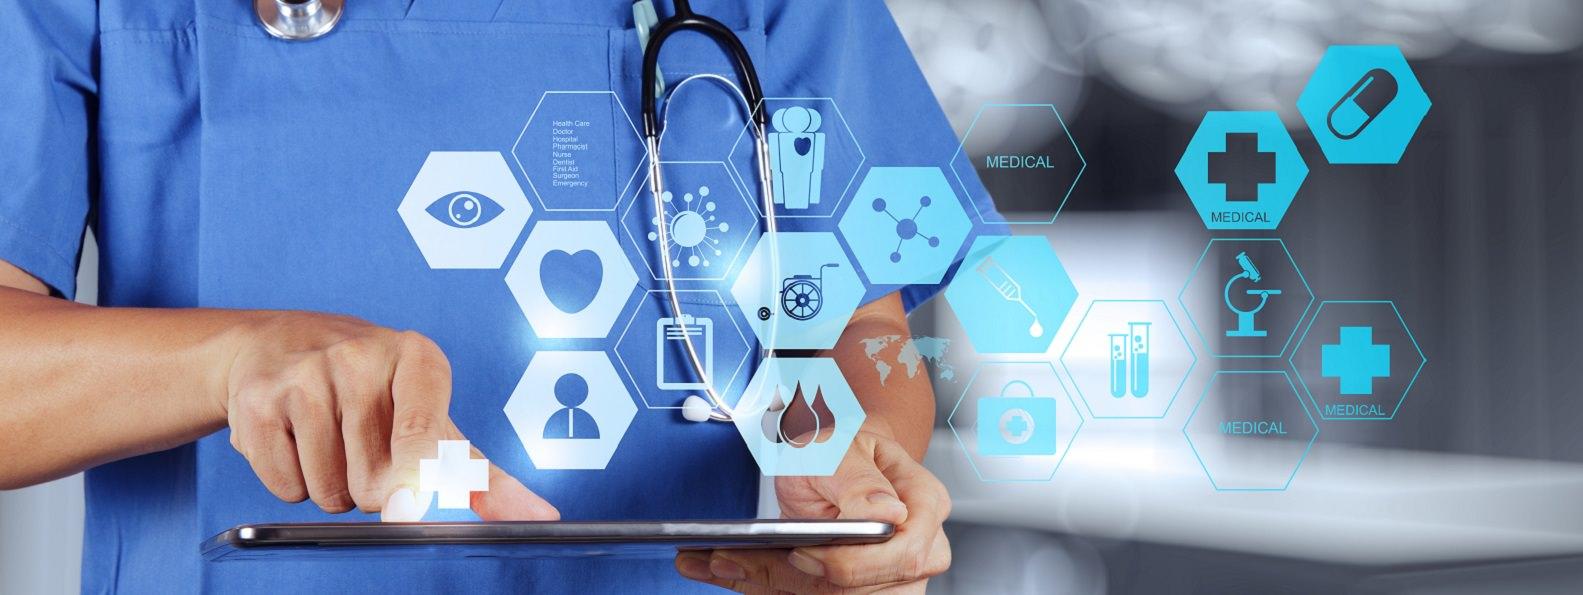 نرم افزار مدیریت مطب و کلینیک